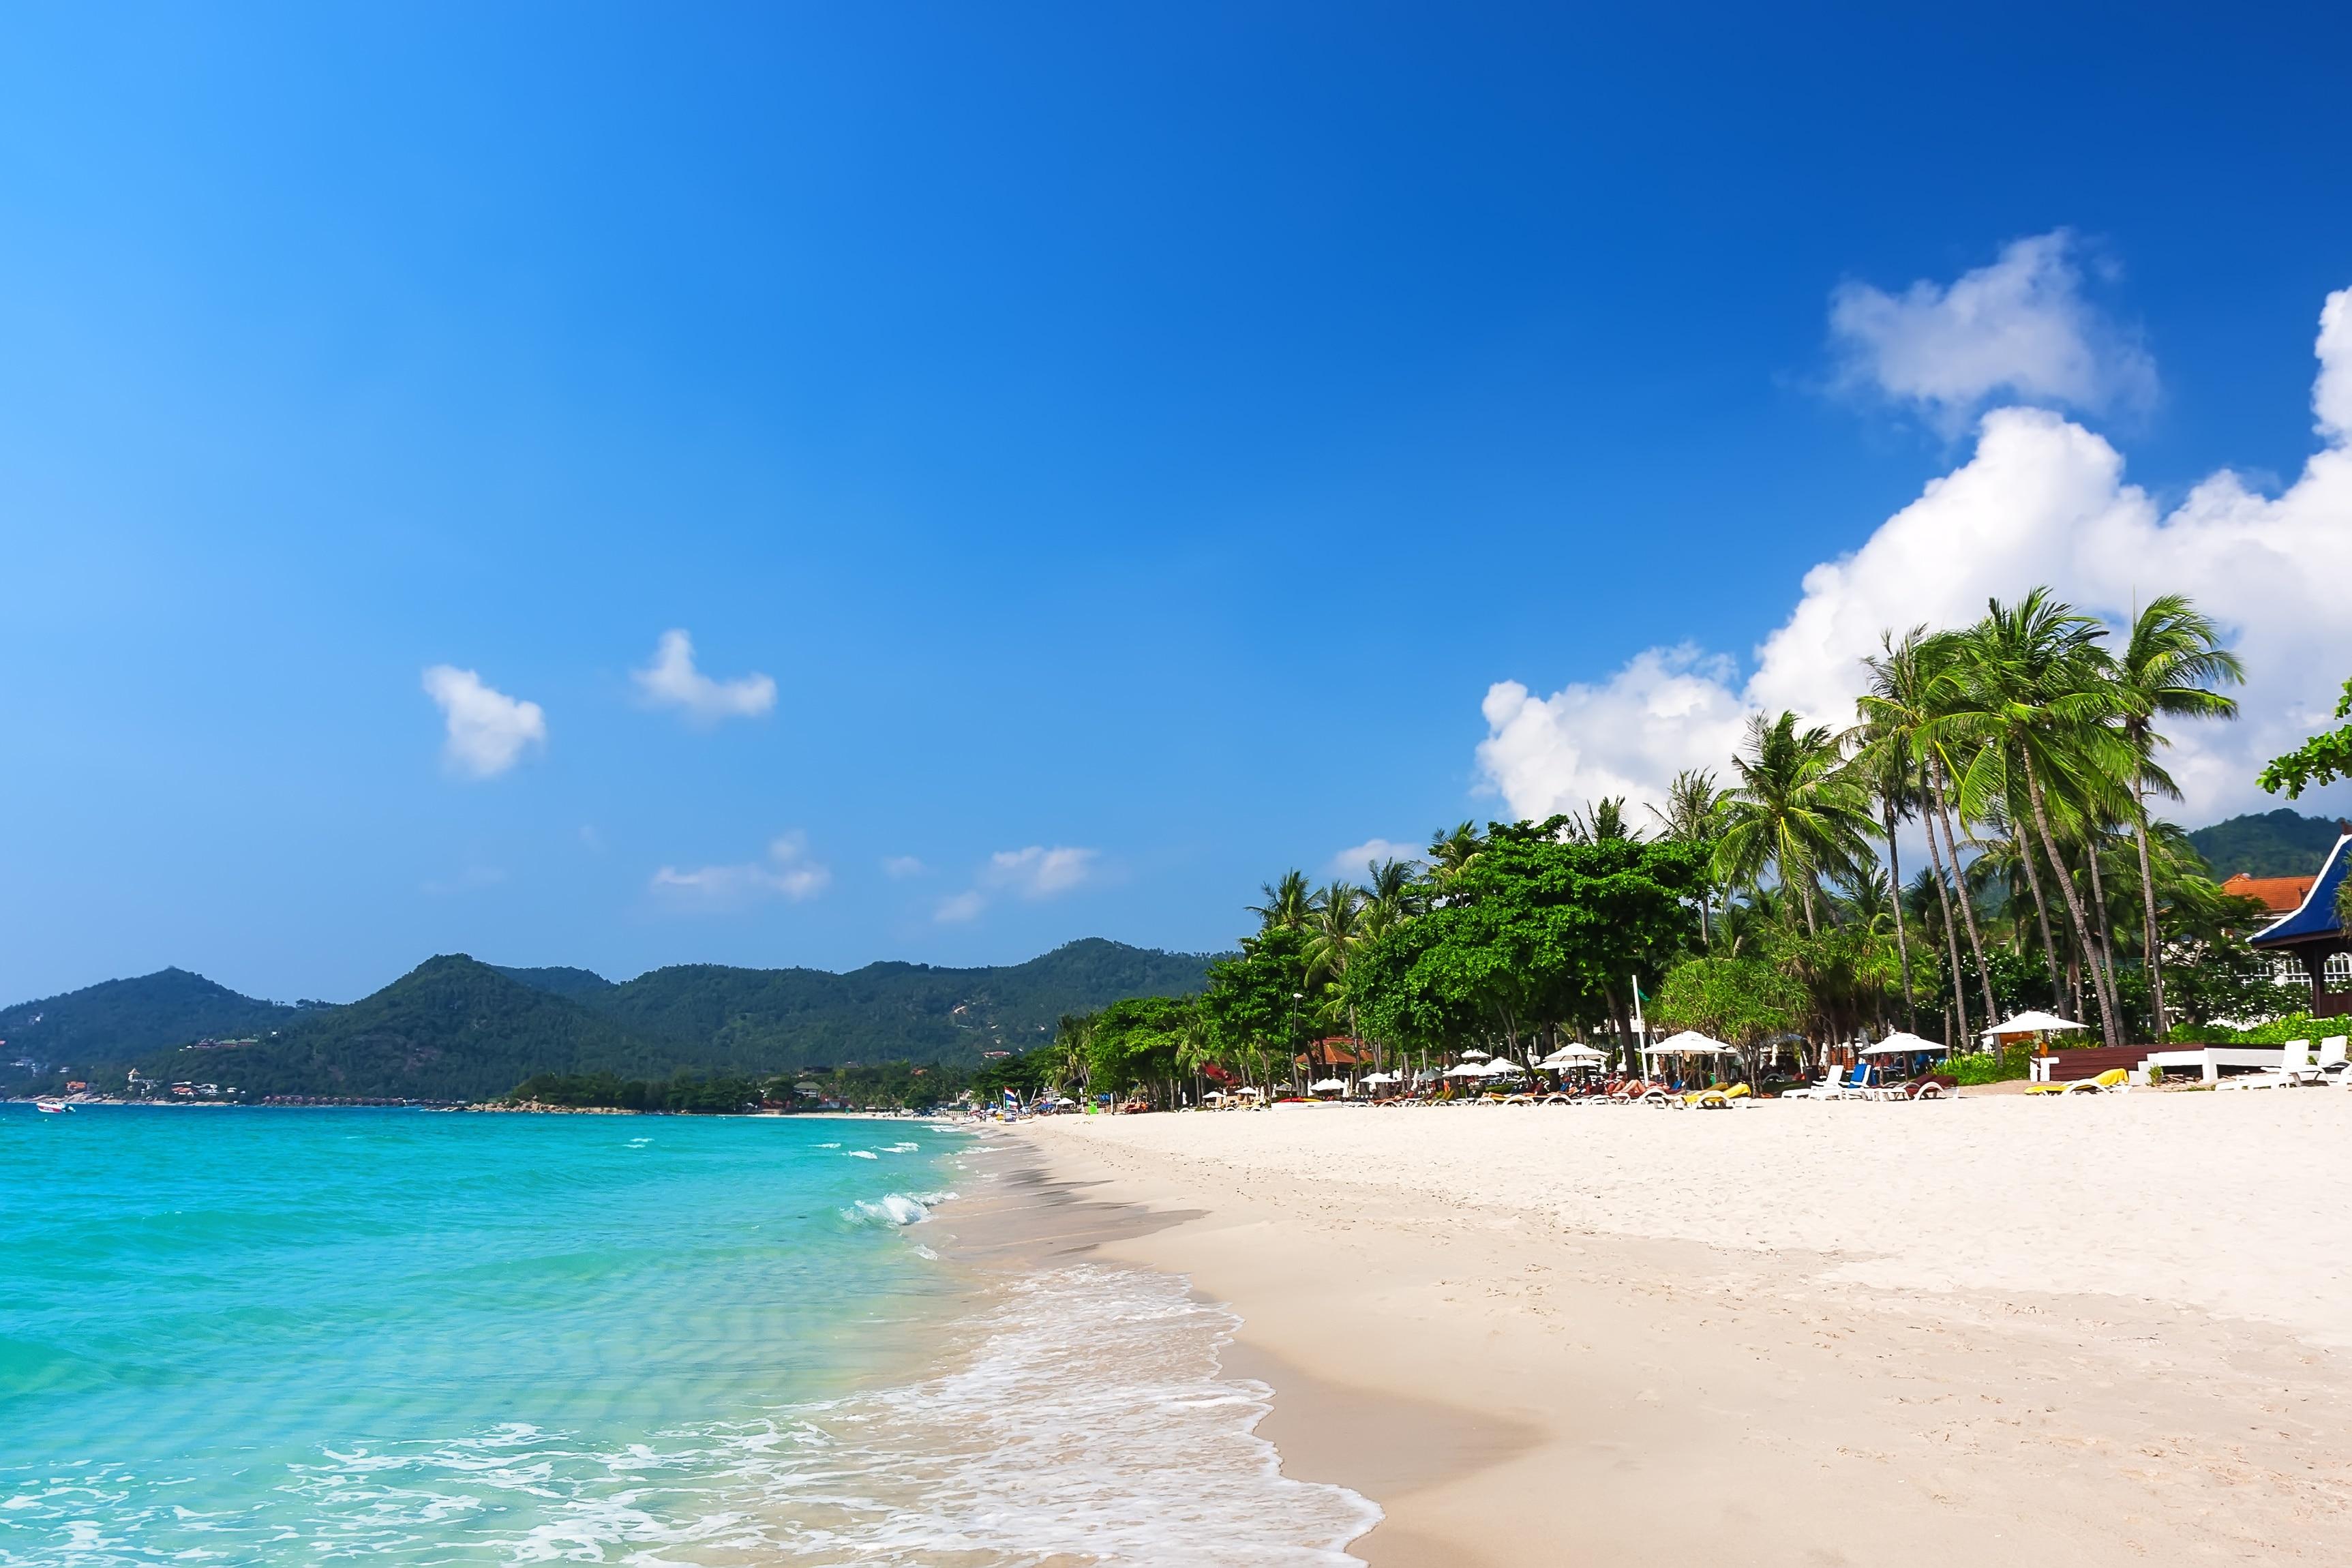 Strand von Chaweng, Ko Samui, Surat Thani (Provinz), Thailand